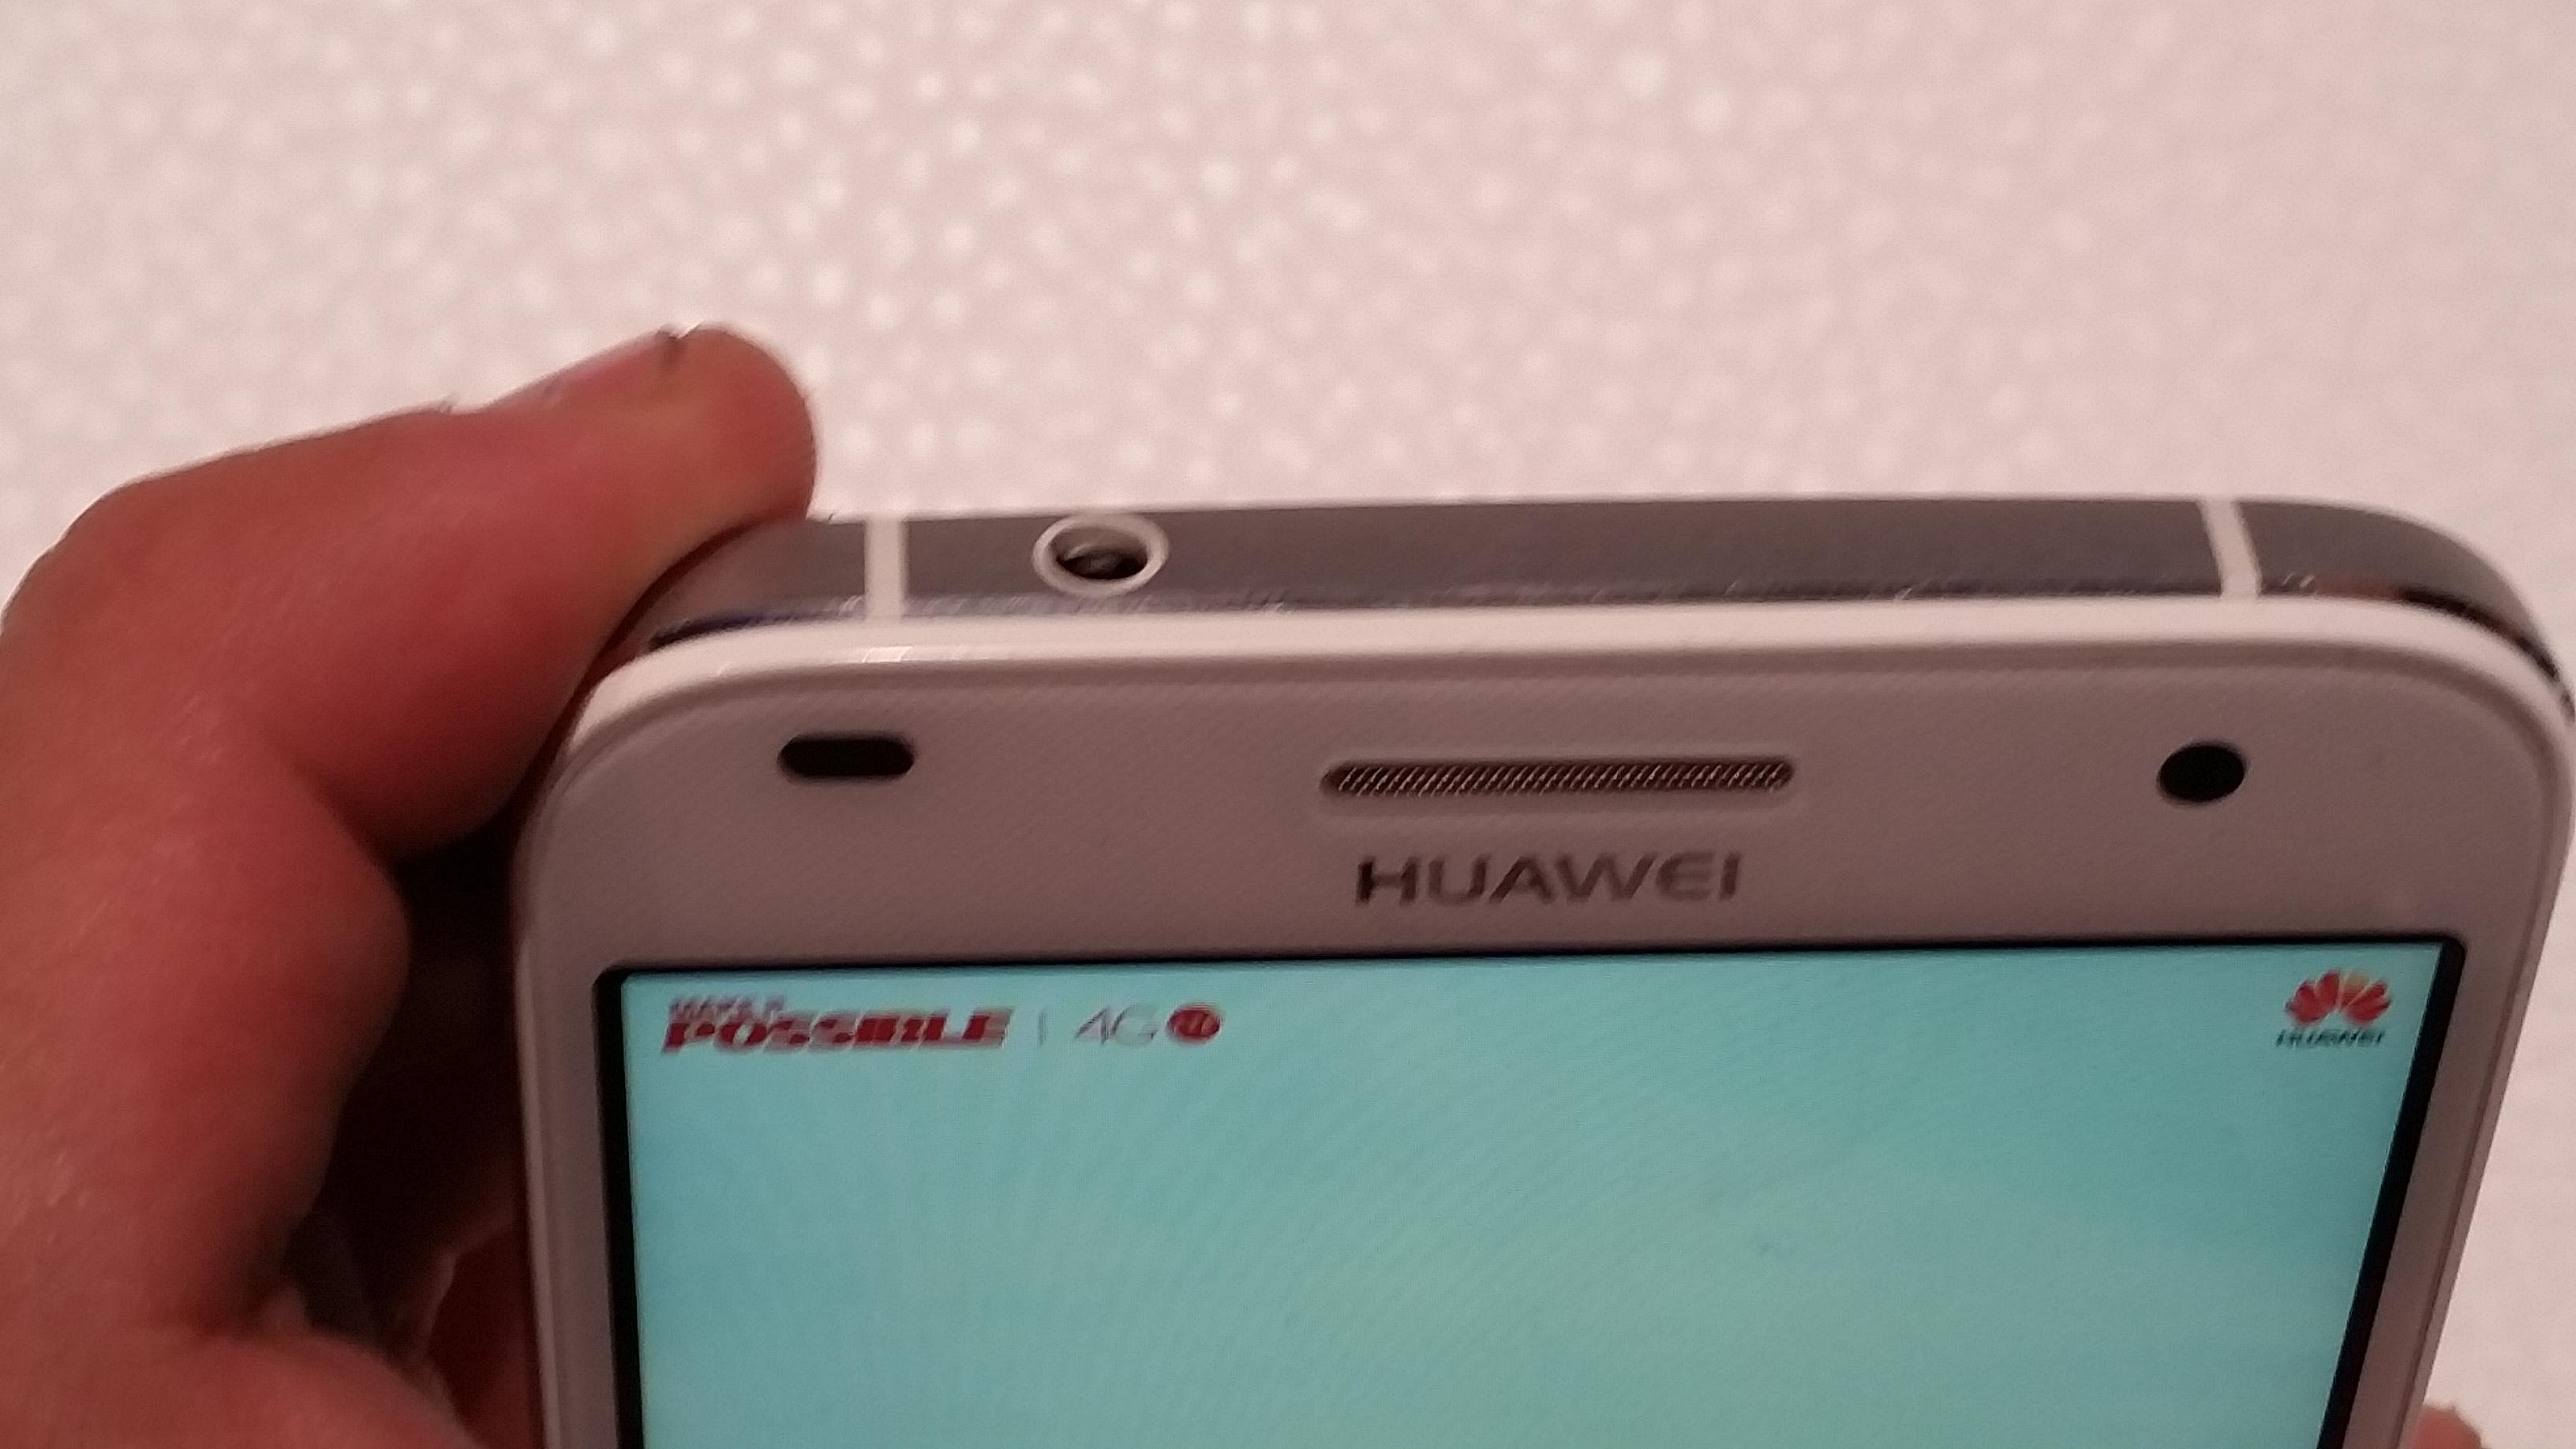 Huawei ascend g7 scheda tecnica